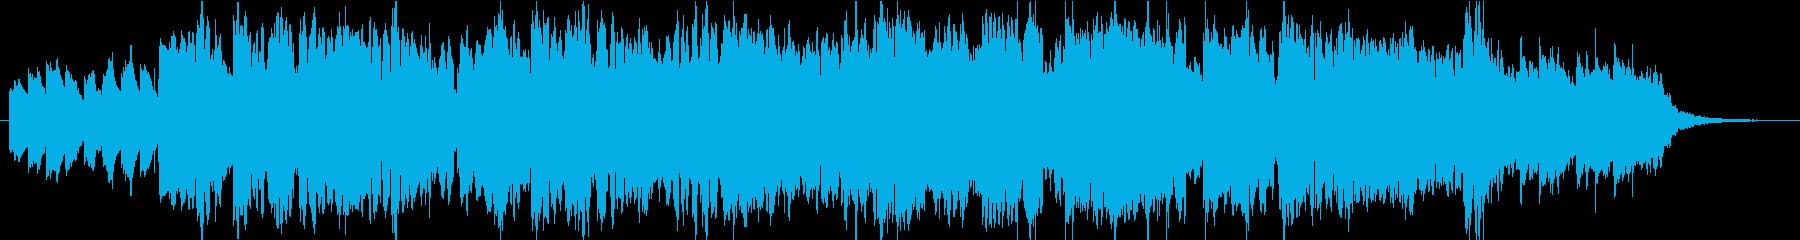 カルメンより間奏曲の再生済みの波形